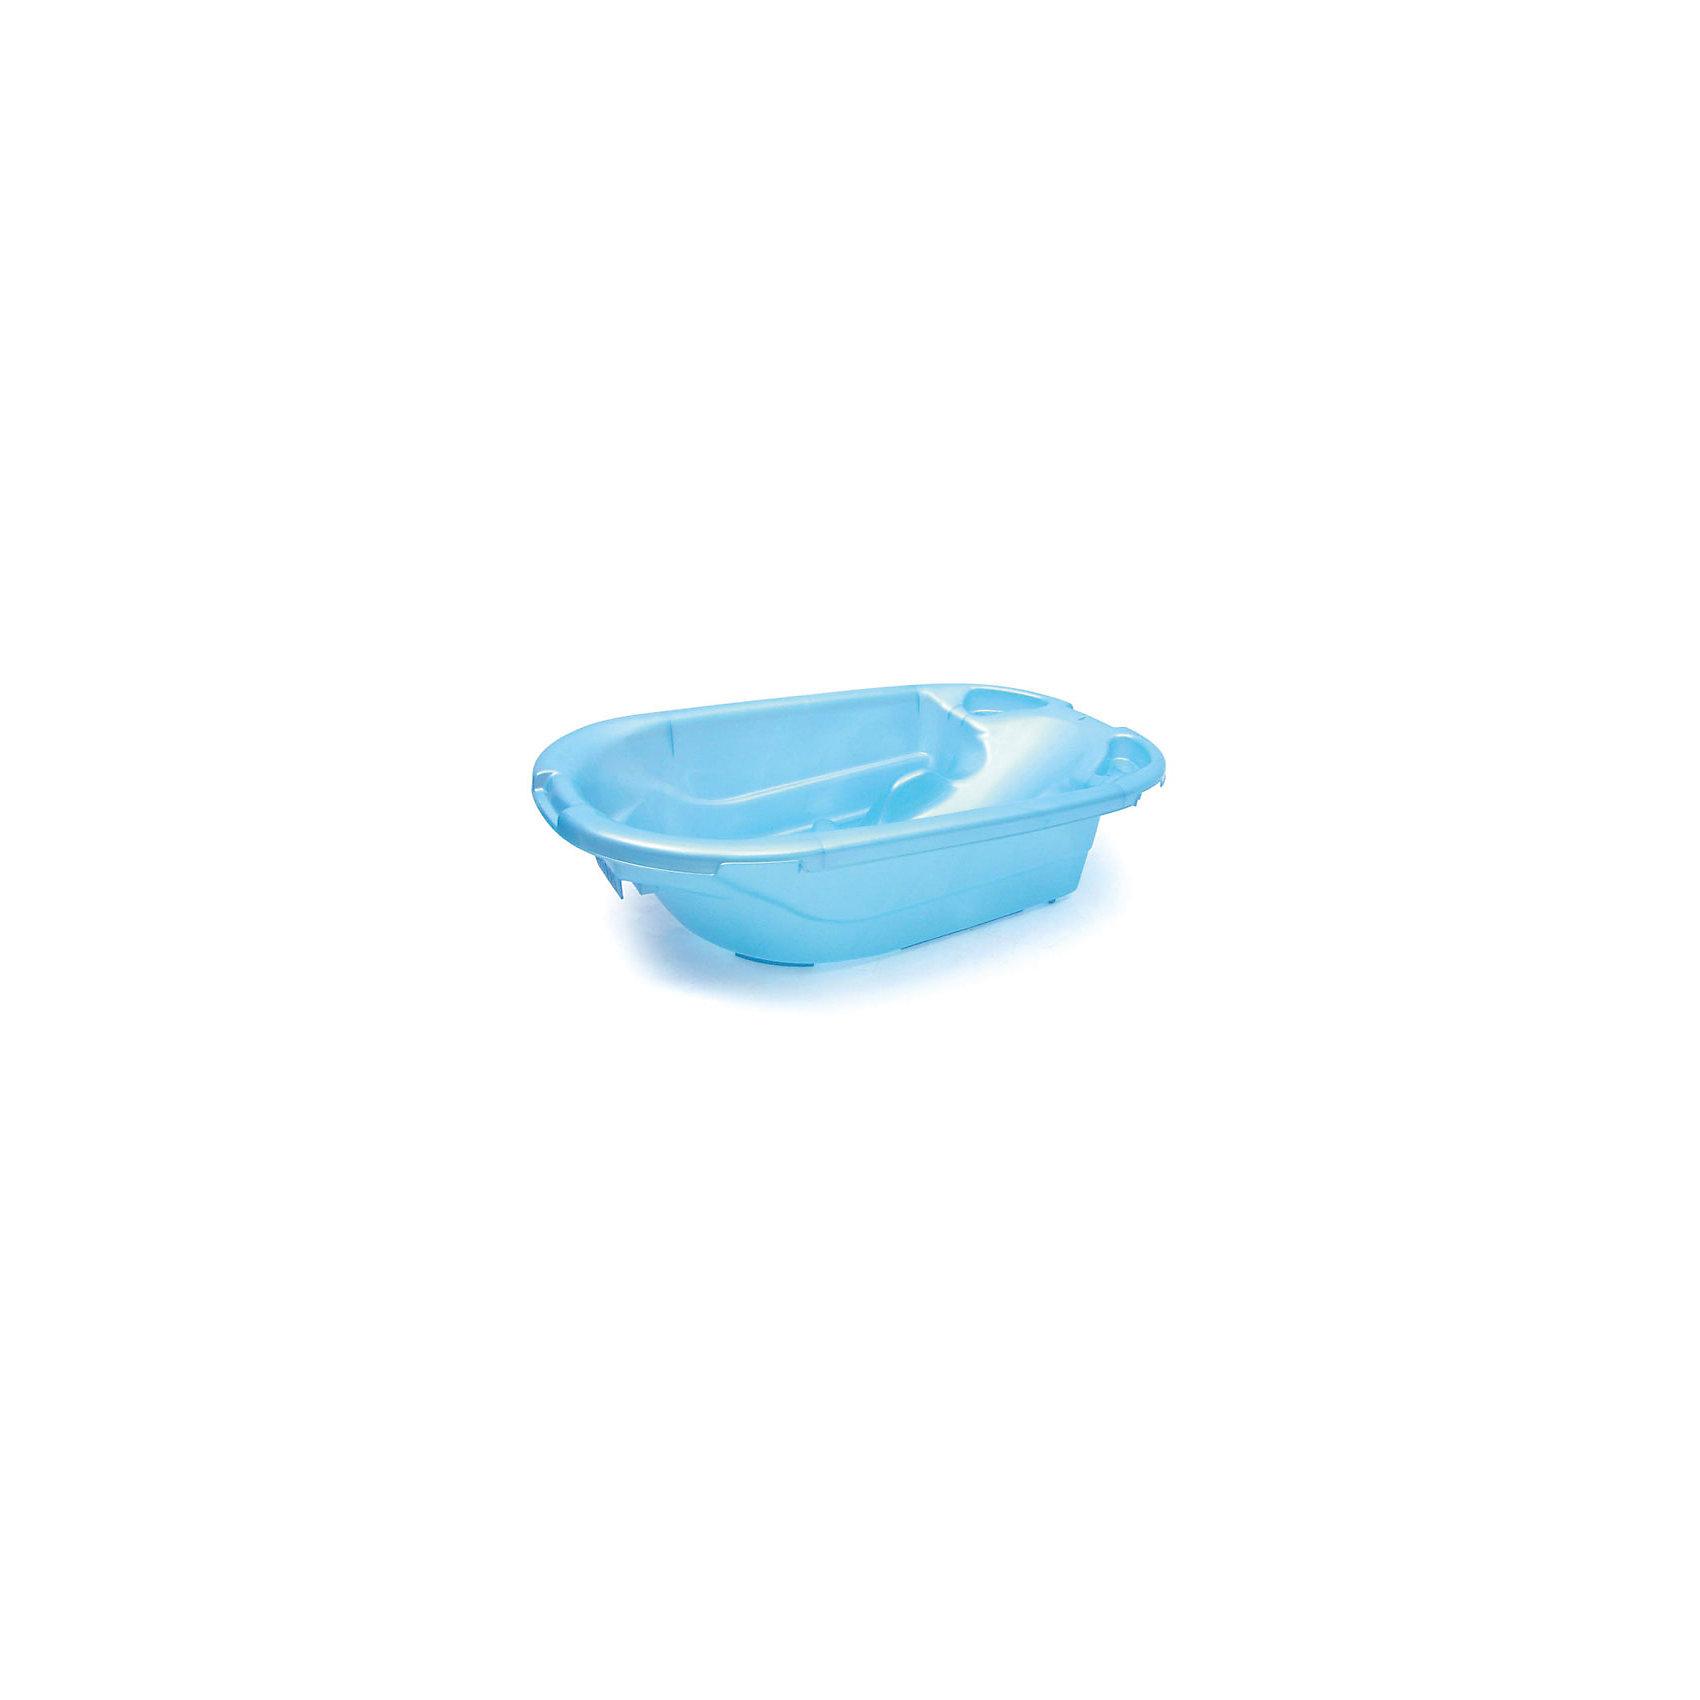 Ванна детская универсальная, Пластишка, голубойУниверсальная детская ванночка поможет Вам купать ребенка в первые месяцы жизни с необыкновенной легкостью и безопасностью. Анатомическая форма ванночки предохраняет ребенка от соскальзывания под воду, даже когда Вы не держите его руками! Теперь все что необходимо для купания ребенка всегда будет под рукой, ведь на краях ванночки предусмотрены удобные отделения. А для экономии пространства, предусмотрено отверстие за которое изделие можно повесить на стену. Вы будете с удовольствием использовать ванночку не один месяц, ведь благодаря сложной форме ванна позволяет купать детей в положении лежа (до 6 месяцев) и сидя (от 6 месяцев).  Два отверстия под мыльницей ванны соединяются специальной трубочкой. Отсоединив трубочку от верхнего отверстия, удобно выливать воду, не наклоняя ванну. Удобная в уходе, практичная и продуманная ванночка сделает купание любимым занятием мам и малышей!<br><br>Дополнительная информация;<br><br>- Идеальна для детей с рождения;<br>- Отделения для аксессуаров;<br>- Легко подвесить на стену для экономии места;<br>- Устойчива к перепадам температуры;<br>- Материал: полипропилен;<br>- Трубочка для легкого слива воды;<br>- Размер ванны: 93 x 26 x 54 см; <br>- Объем: 30 л;<br>- Вес: 1,3 кг;<br><br>Ванну детскую универсальную  можно купить в нашем интернет-магазине.<br><br>Ширина мм: 925<br>Глубина мм: 530<br>Высота мм: 255<br>Вес г: 1500<br>Возраст от месяцев: 0<br>Возраст до месяцев: 12<br>Пол: Мужской<br>Возраст: Детский<br>SKU: 4102640